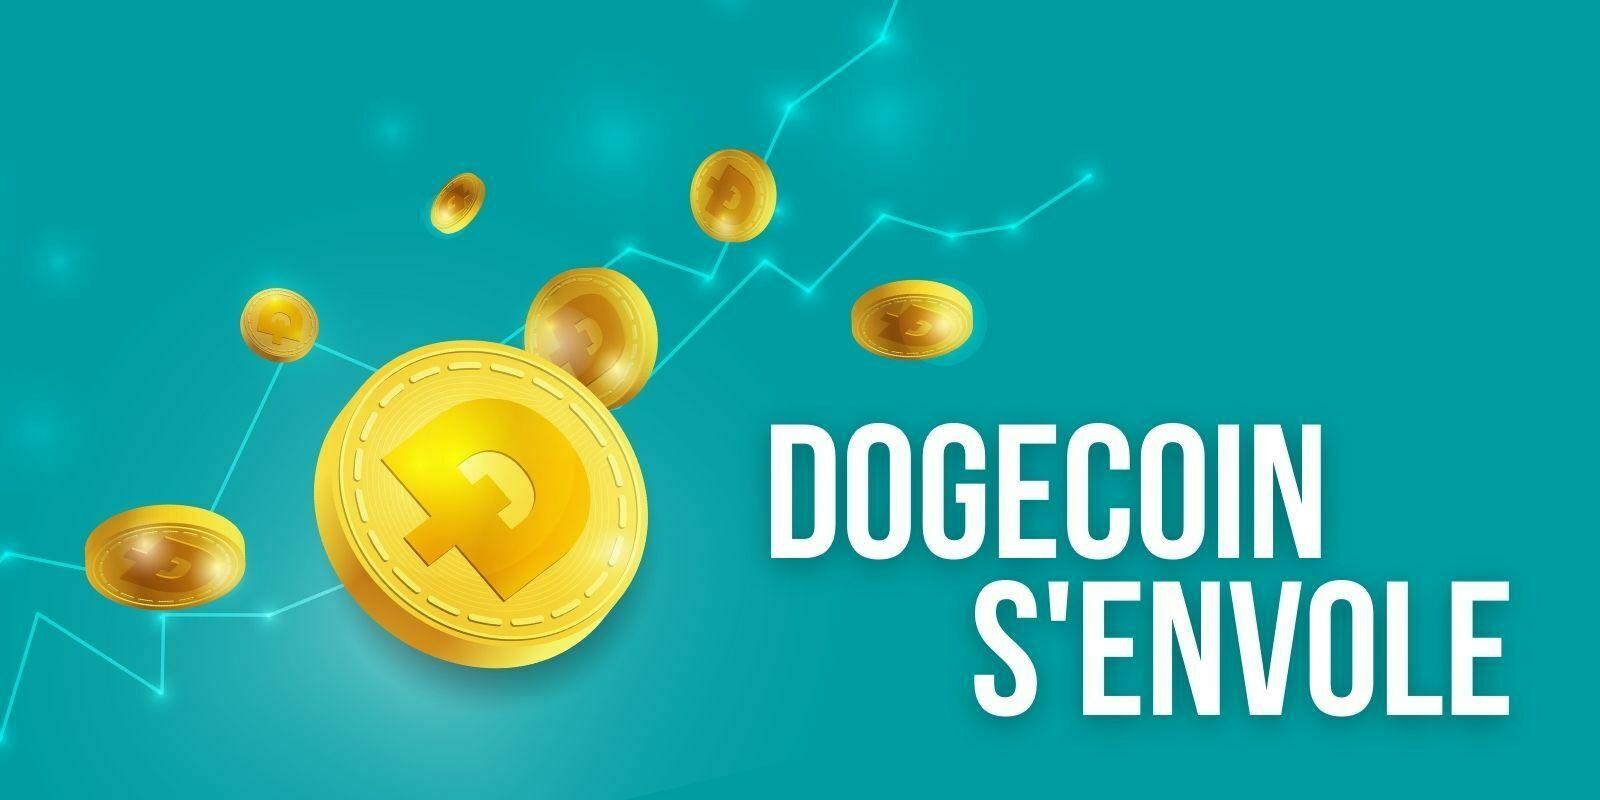 Le Dogecoin (DOGE) dépasse Tether (USDT) et devient la 5e cryptomonnaie la plus capitalisée